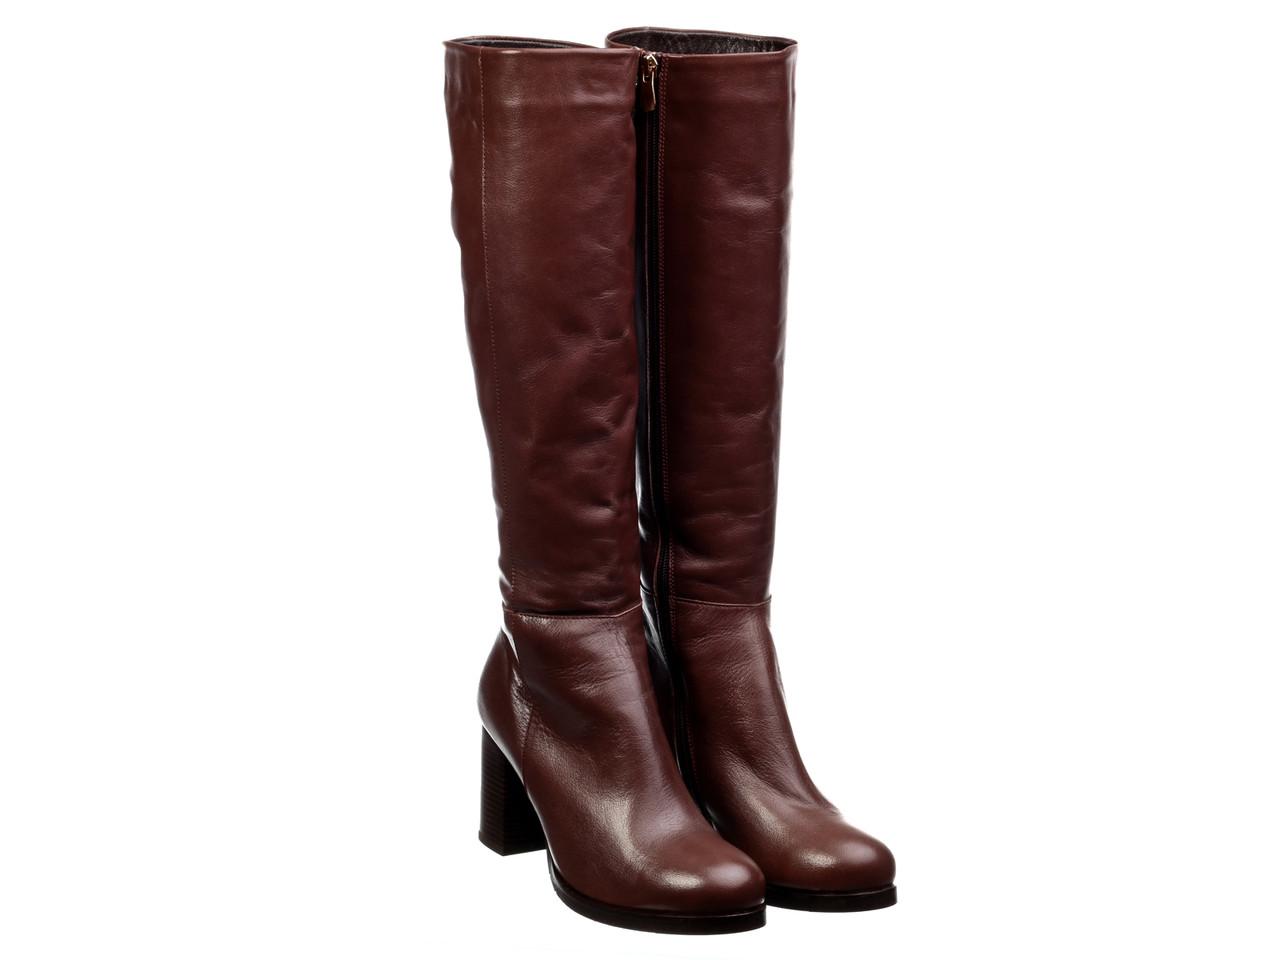 Сапоги Etor 5753-012-10103 коричневые, фото 1